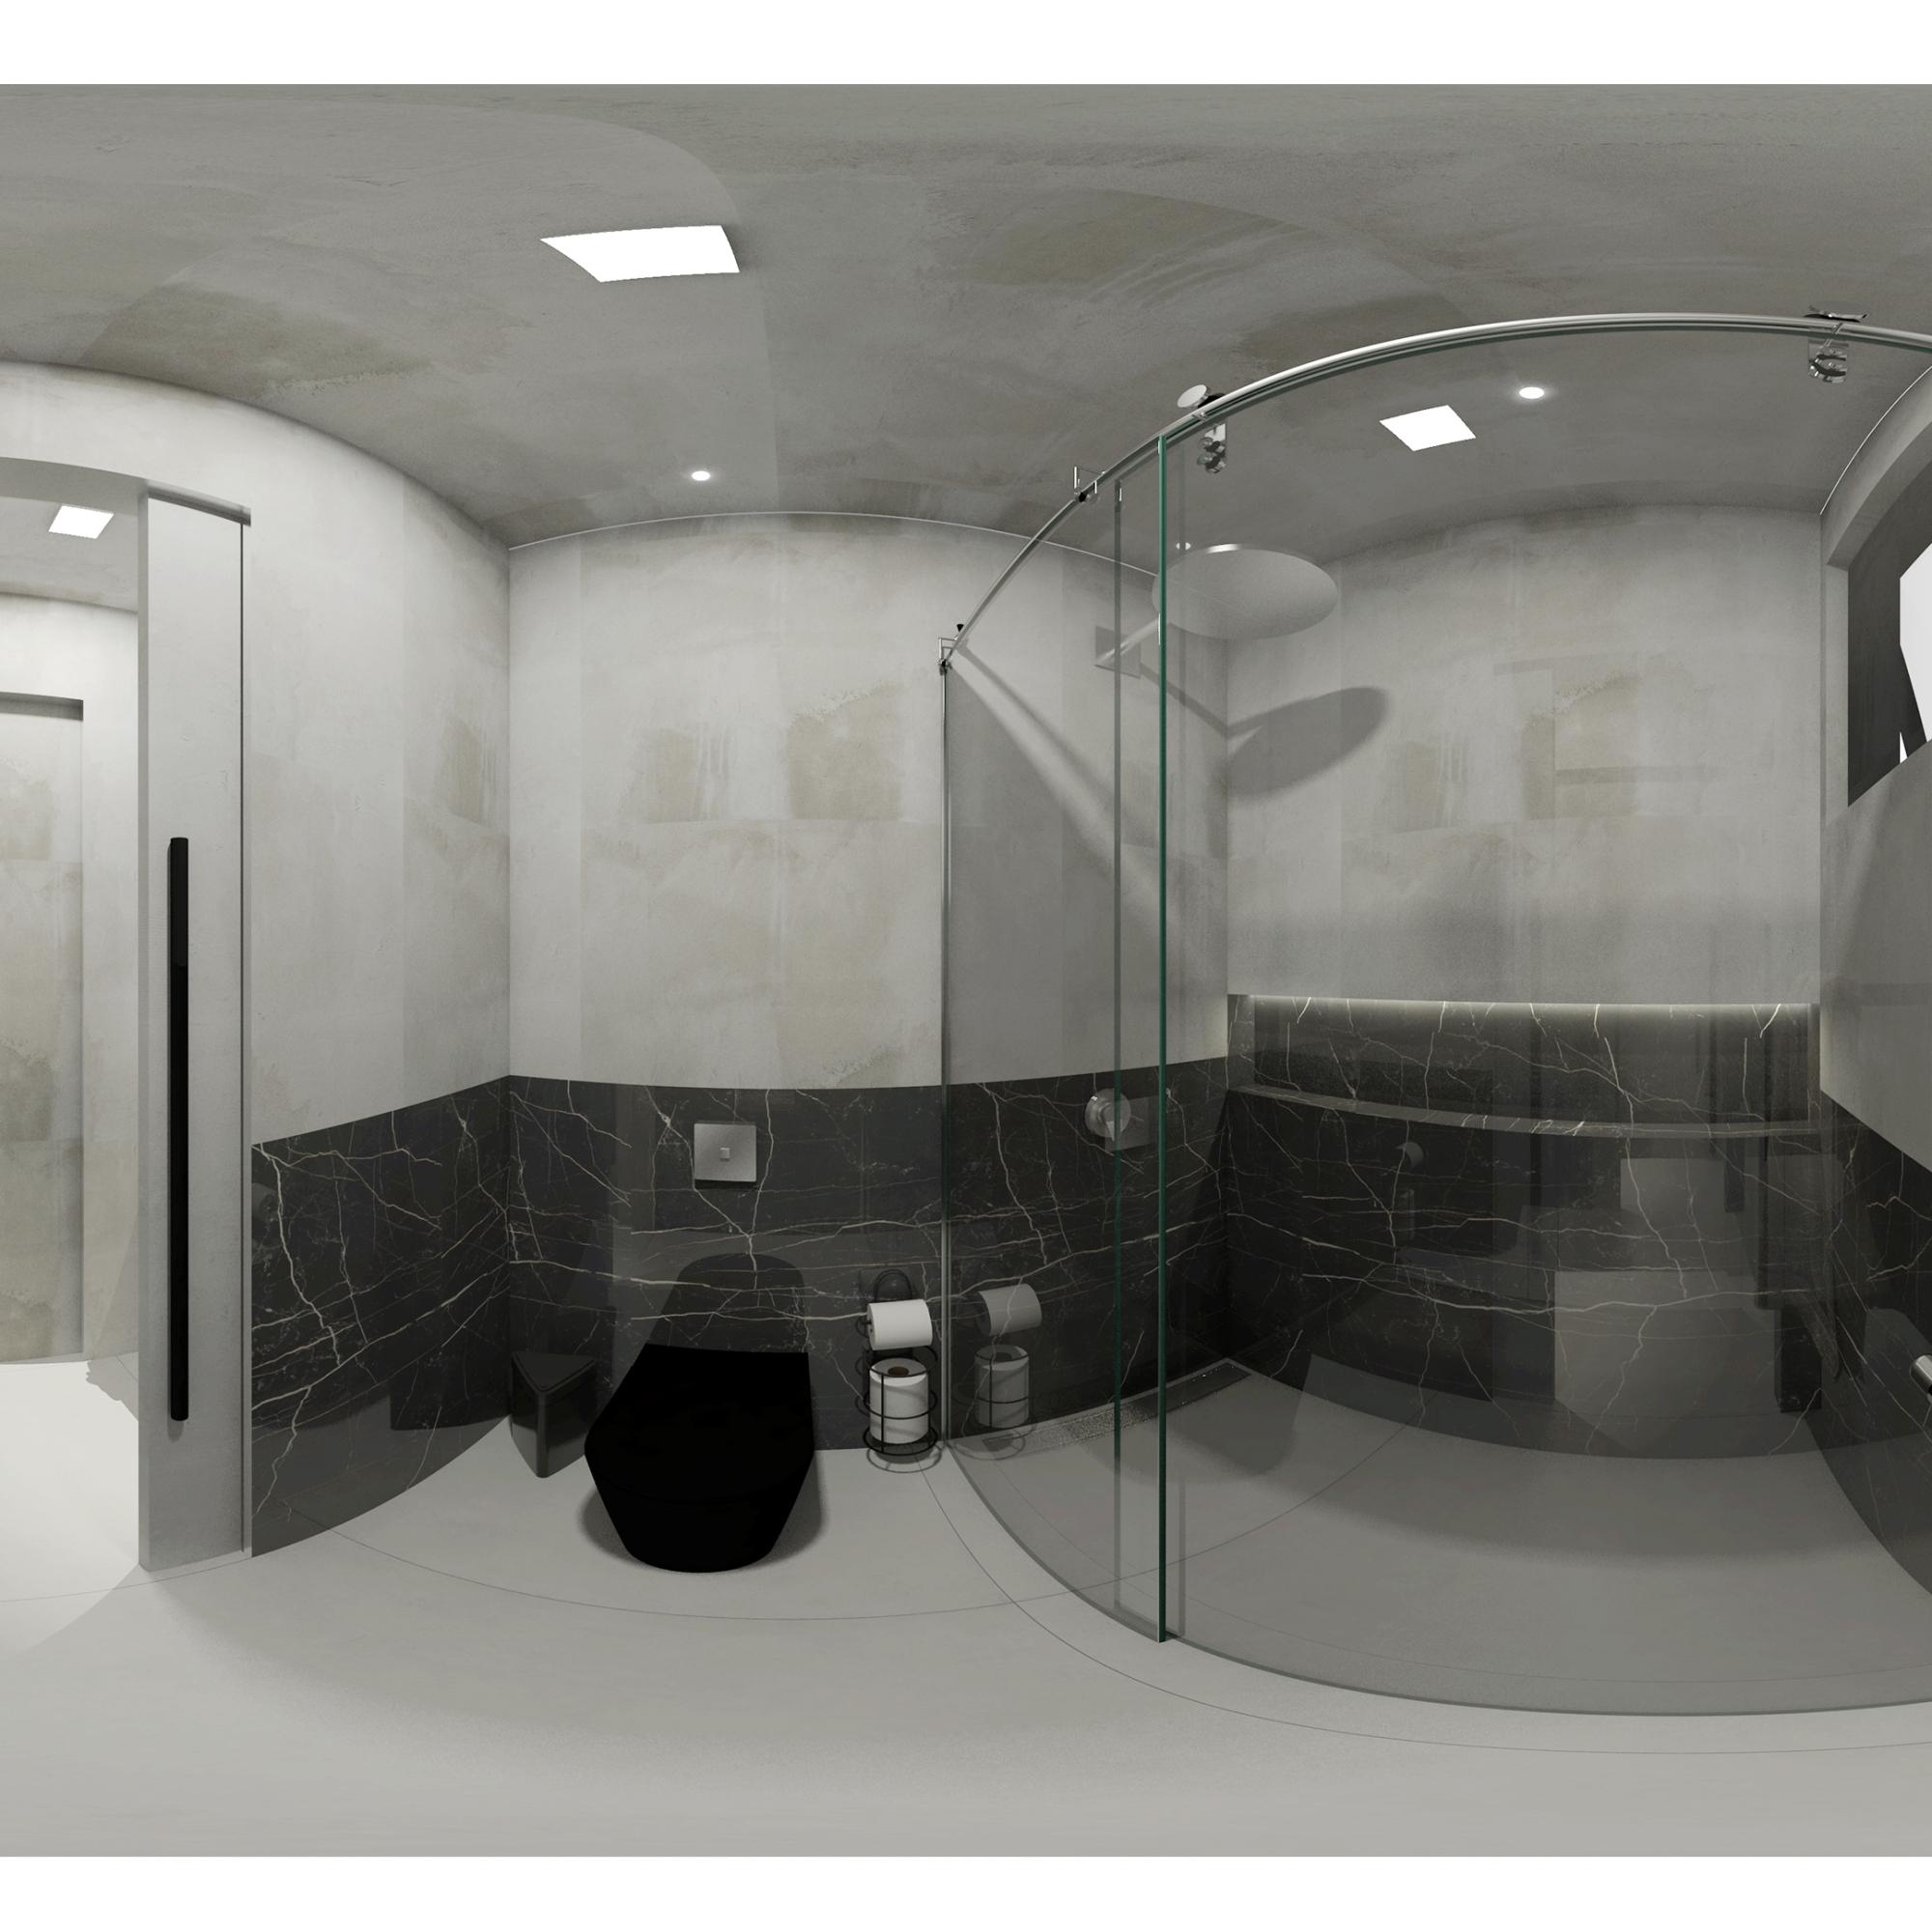 projeto-de-banheiro-preto-com-cimento-queimado-banheiro-moderno-projetos-de-decoracao-de-interiores-projetos-de-casas-modernas-casas-decoradas-modernas-01